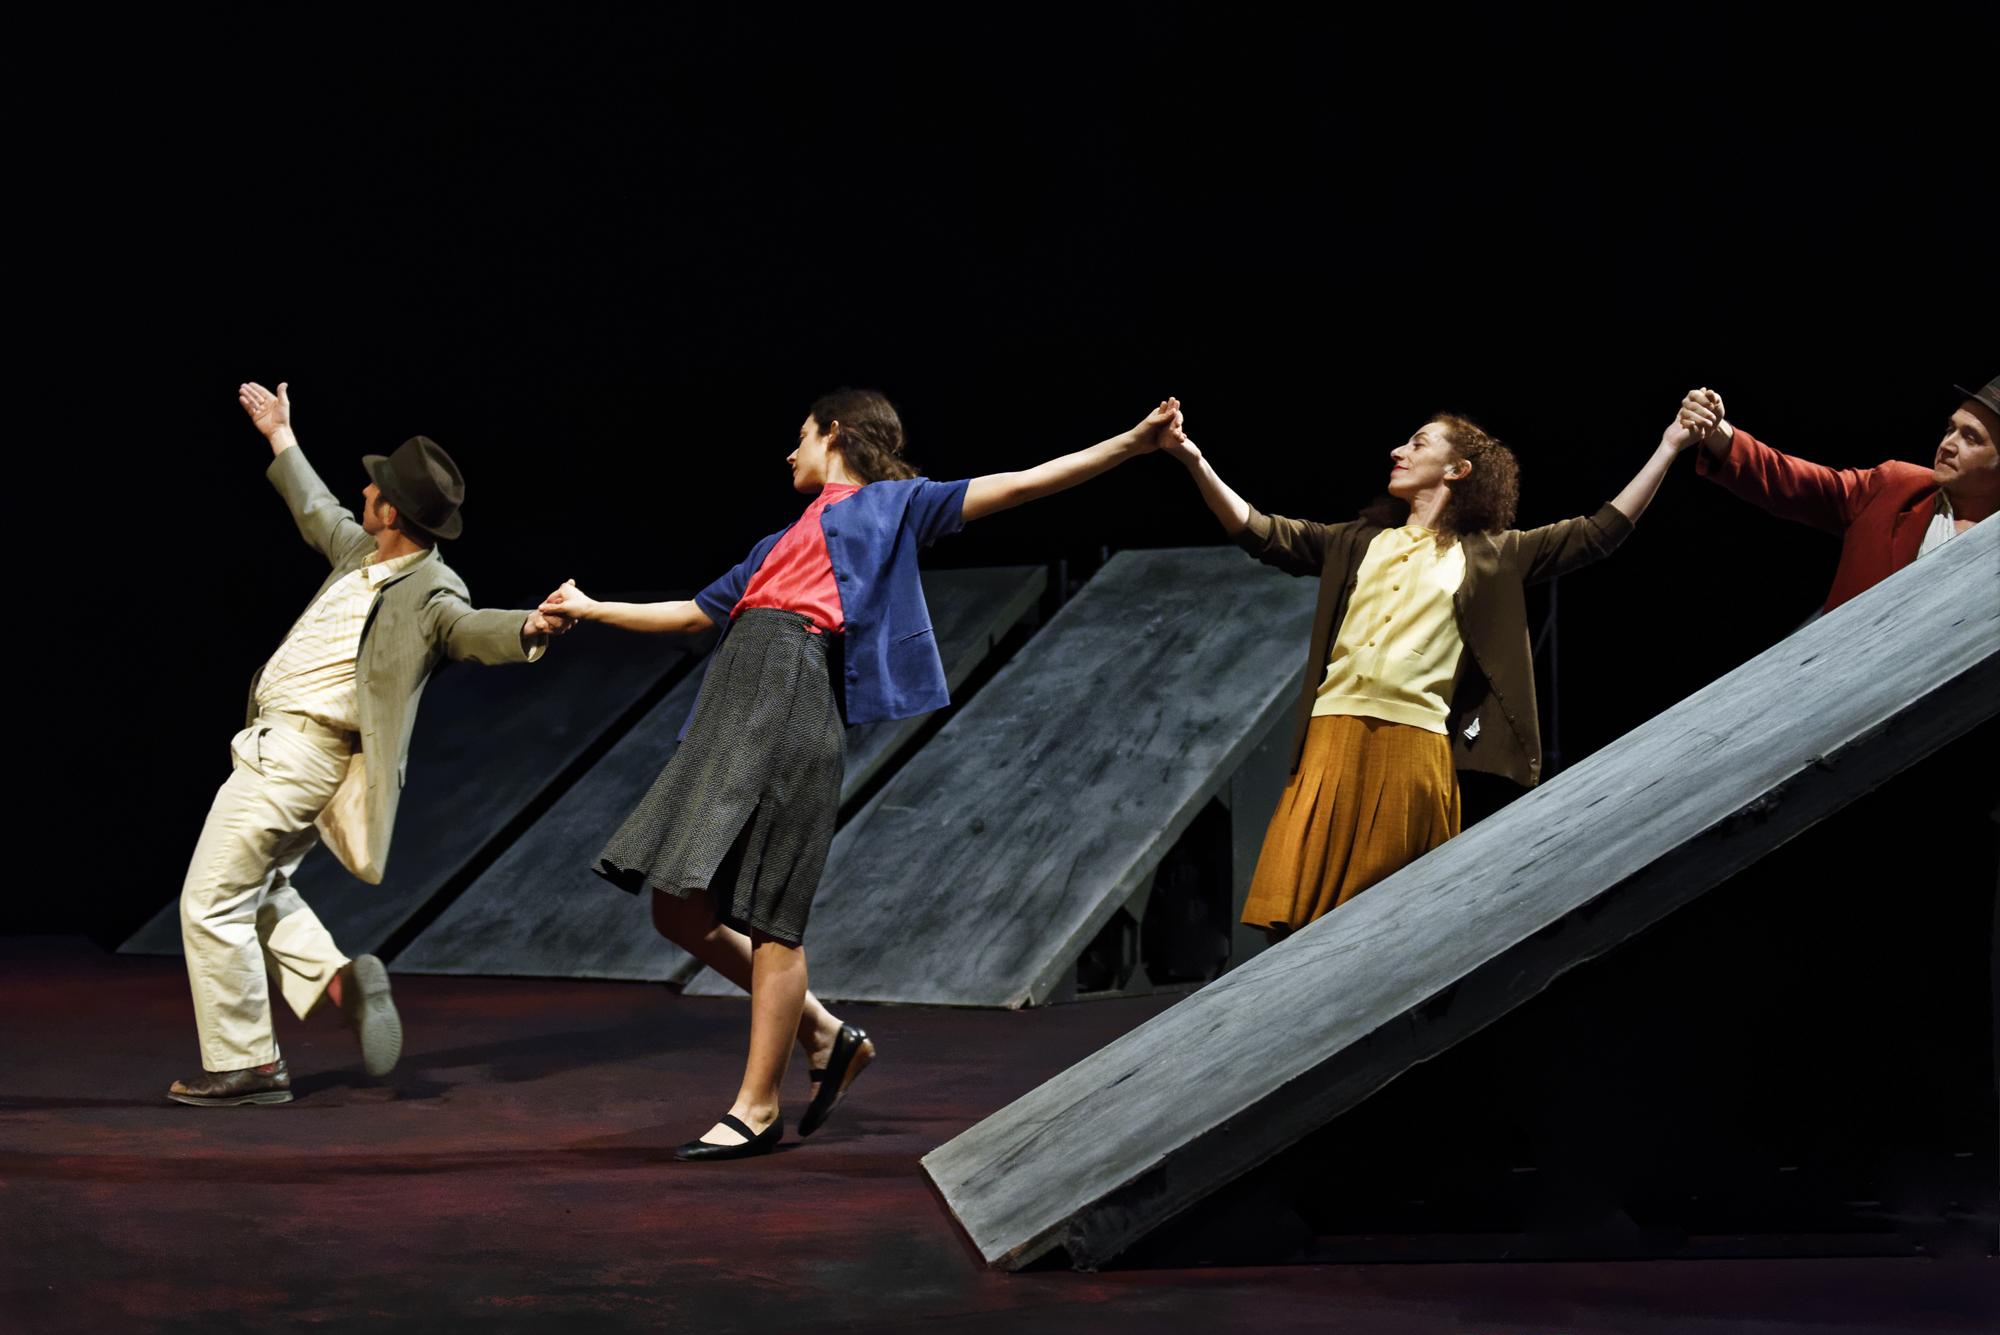 PÚBLICO - De Maguy Marin a Cláudia Dias, um itinerário para os primeiros três Dias da Dança